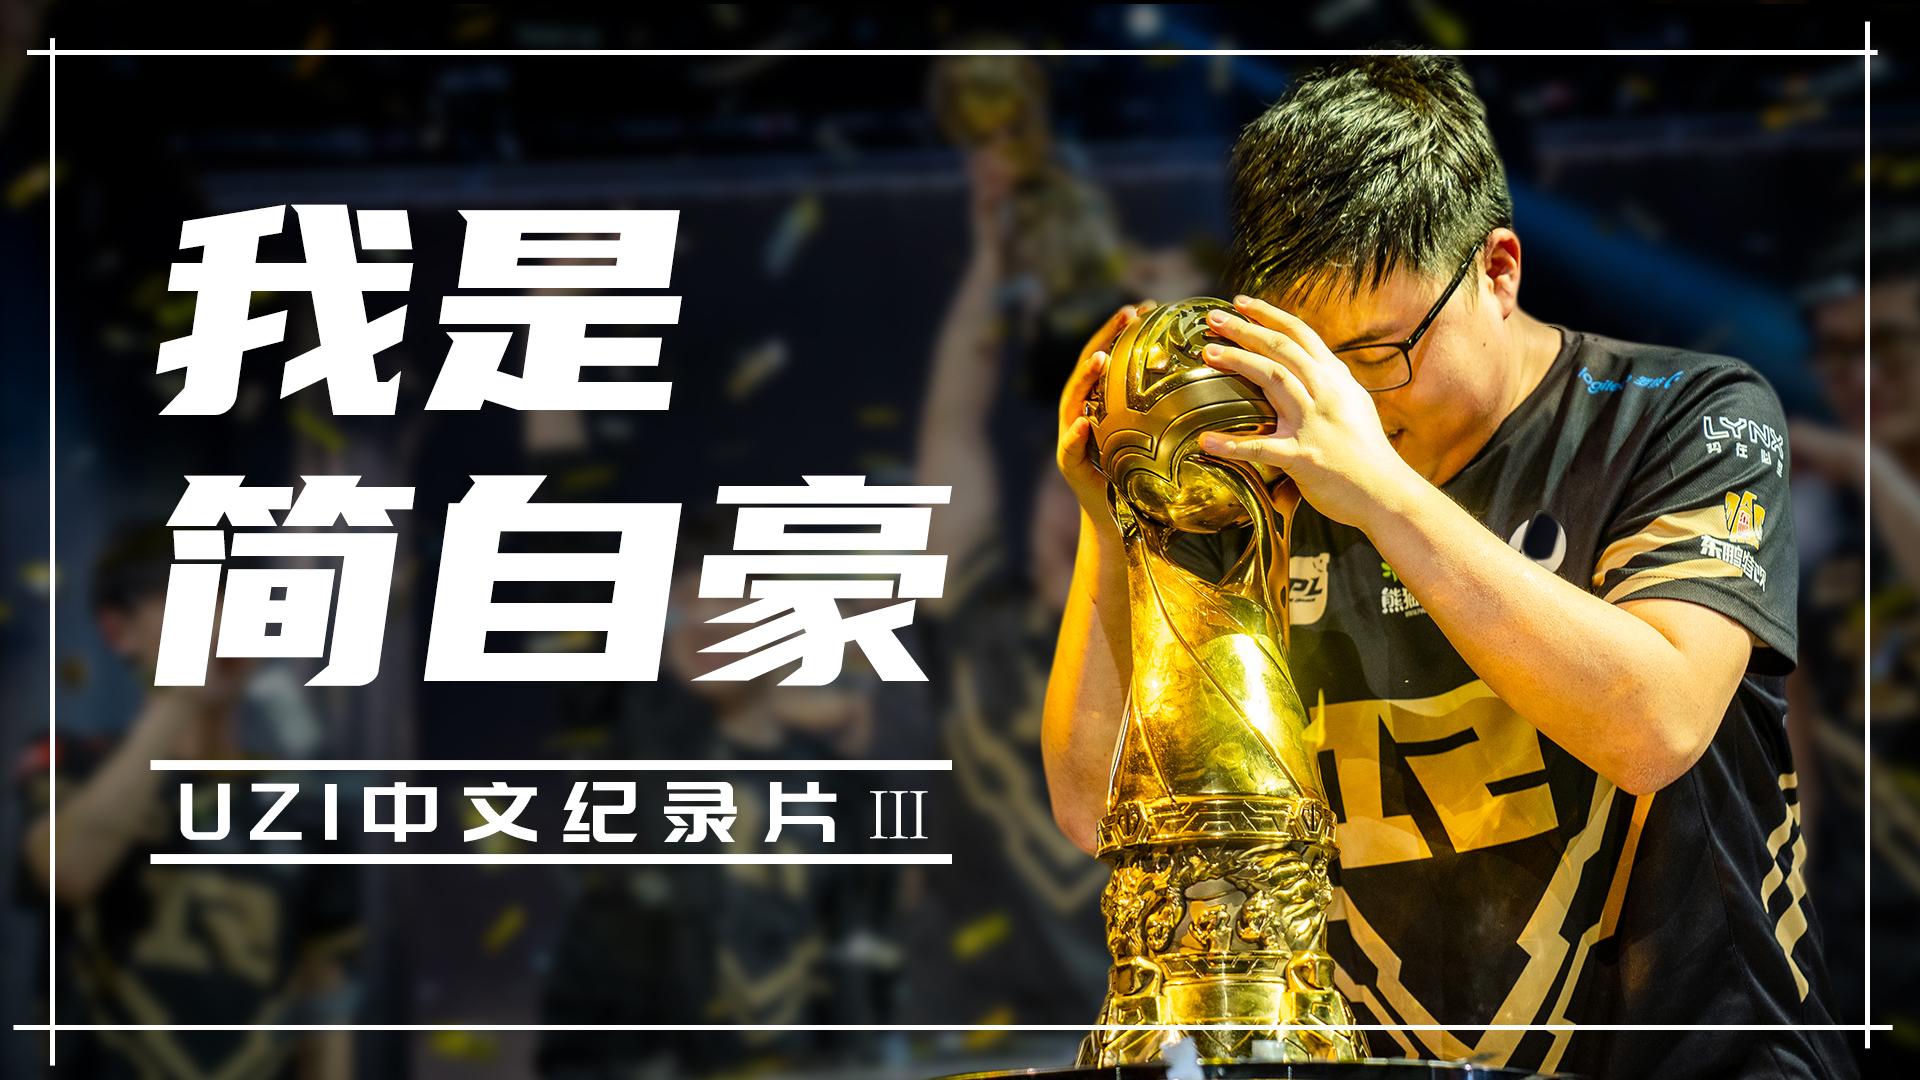 【Uzi】大型纪录片终章《我是简自豪》一年五冠登顶,他是中国电竞的代表!